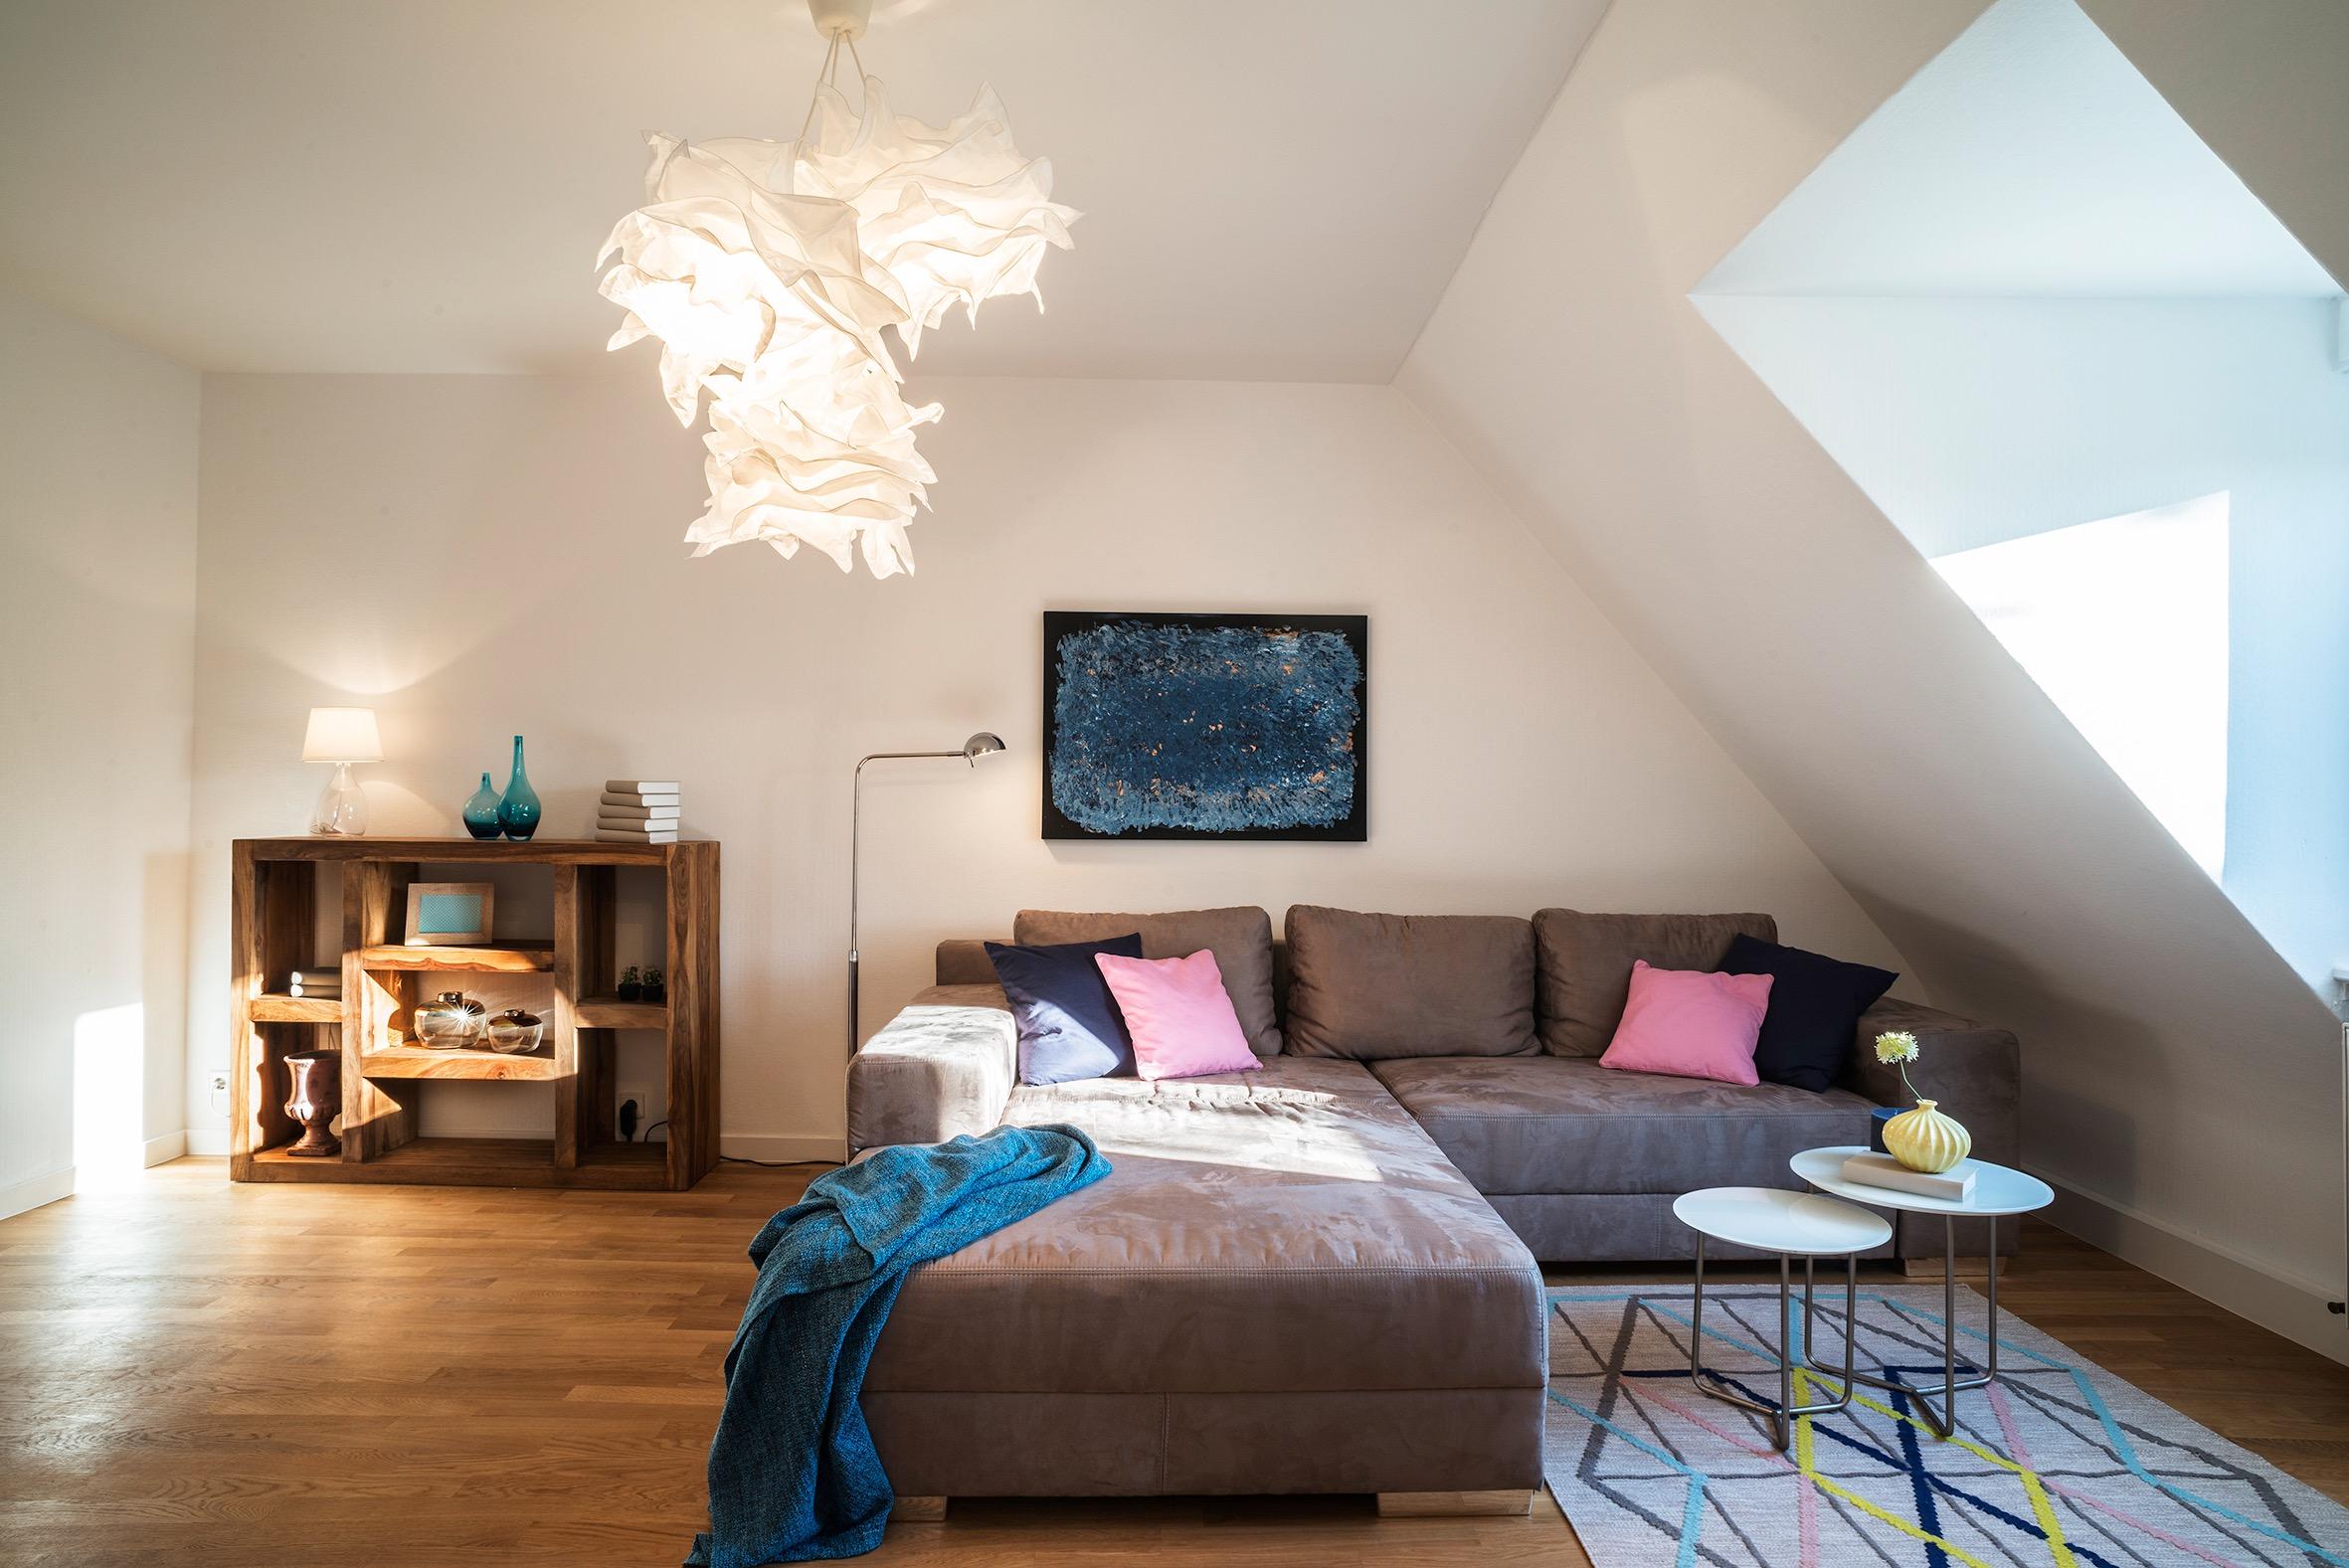 Dachgeschosswohnung stuttgart barbara l ffler - Wohnzimmer stuttgart ...